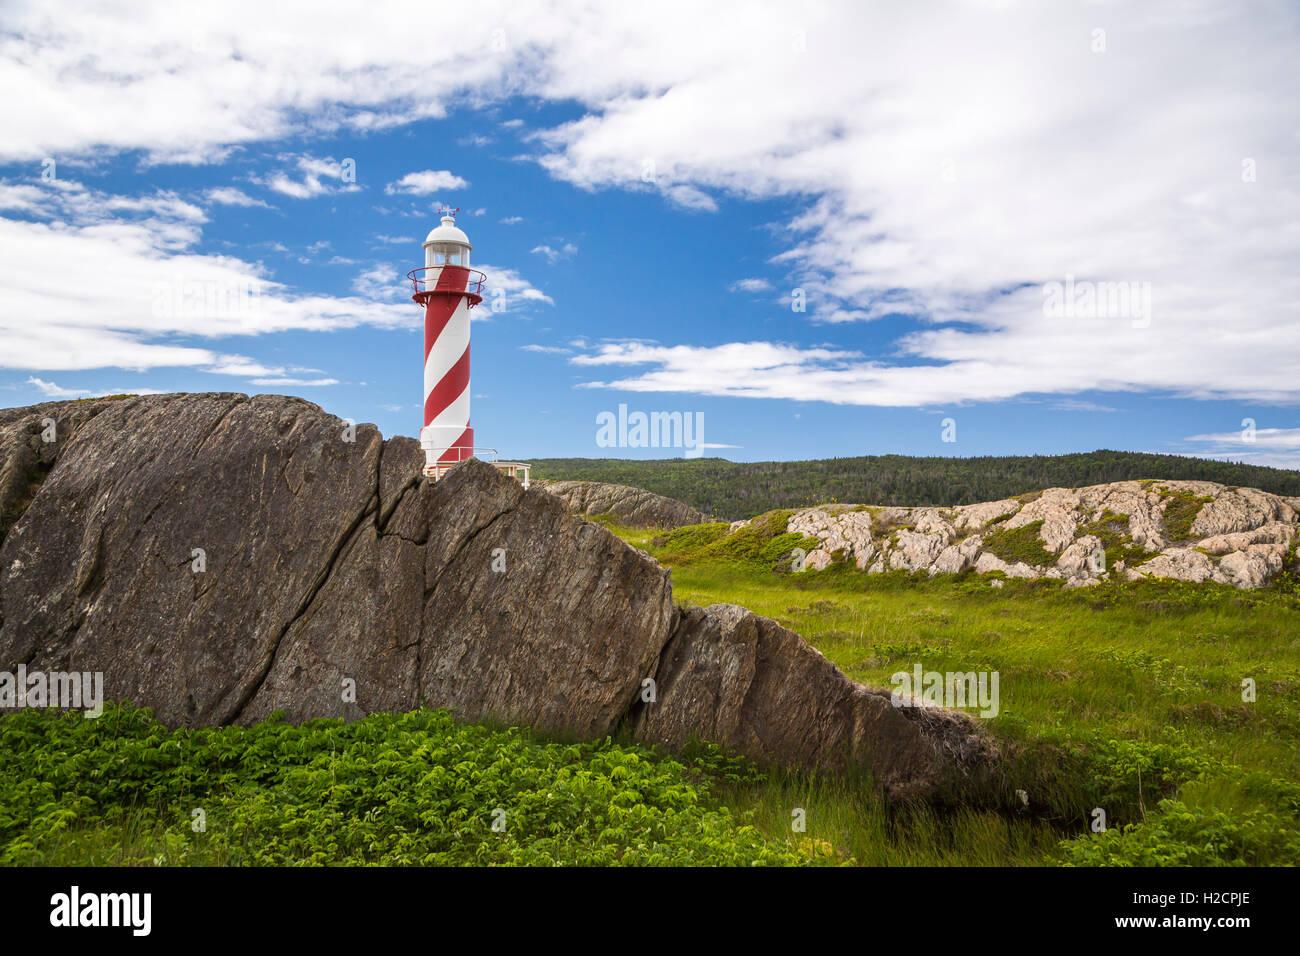 El contenido del corazón Faro de Trinity Bay, Terranova y Labrador, Canadá. Imagen De Stock